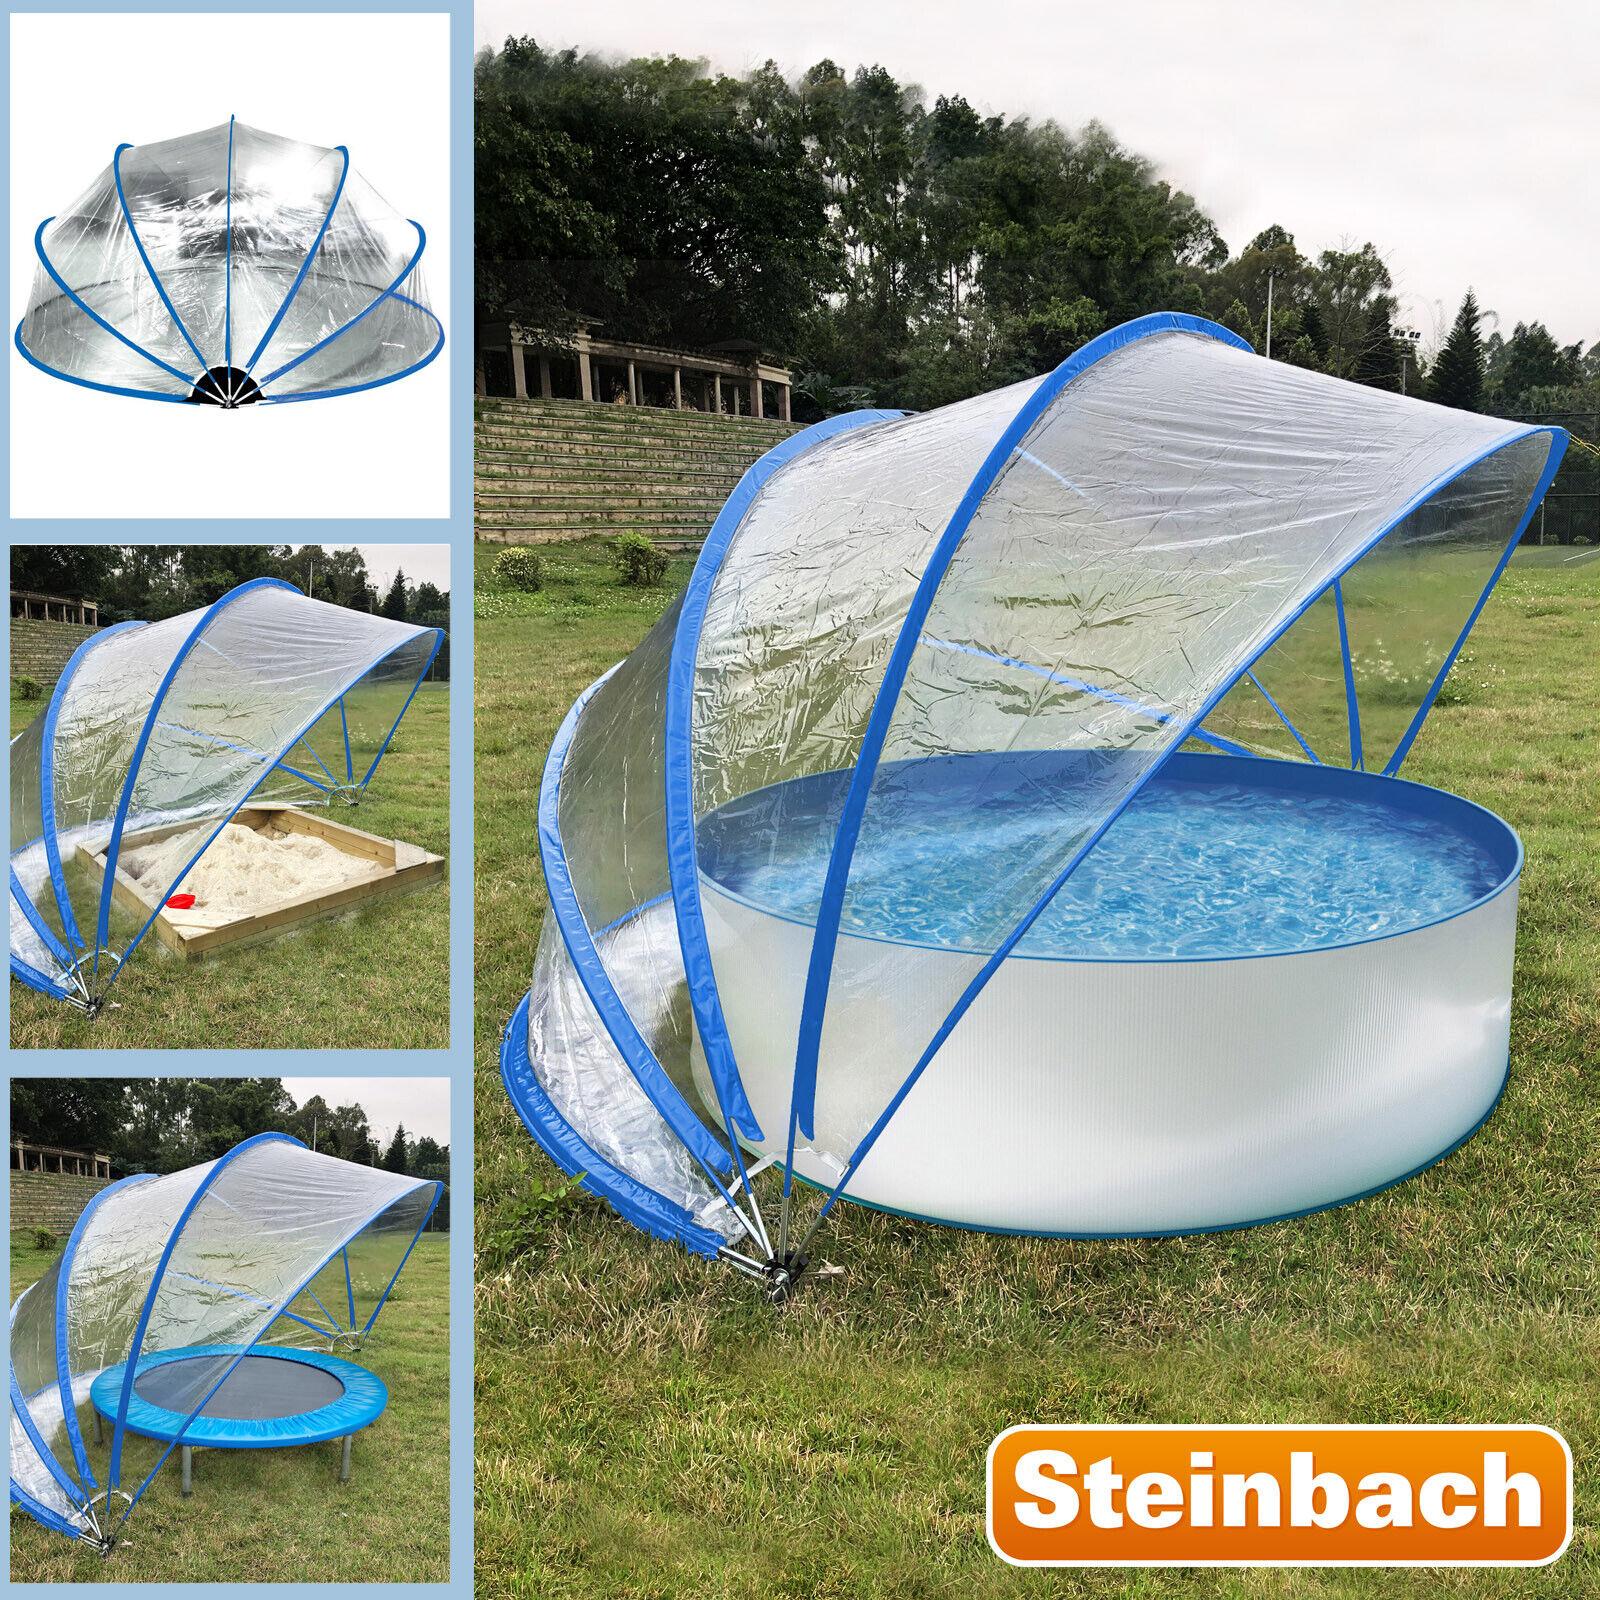 Steinbach 20x20cm Schwimmbaddach 20 online kaufen   eBay